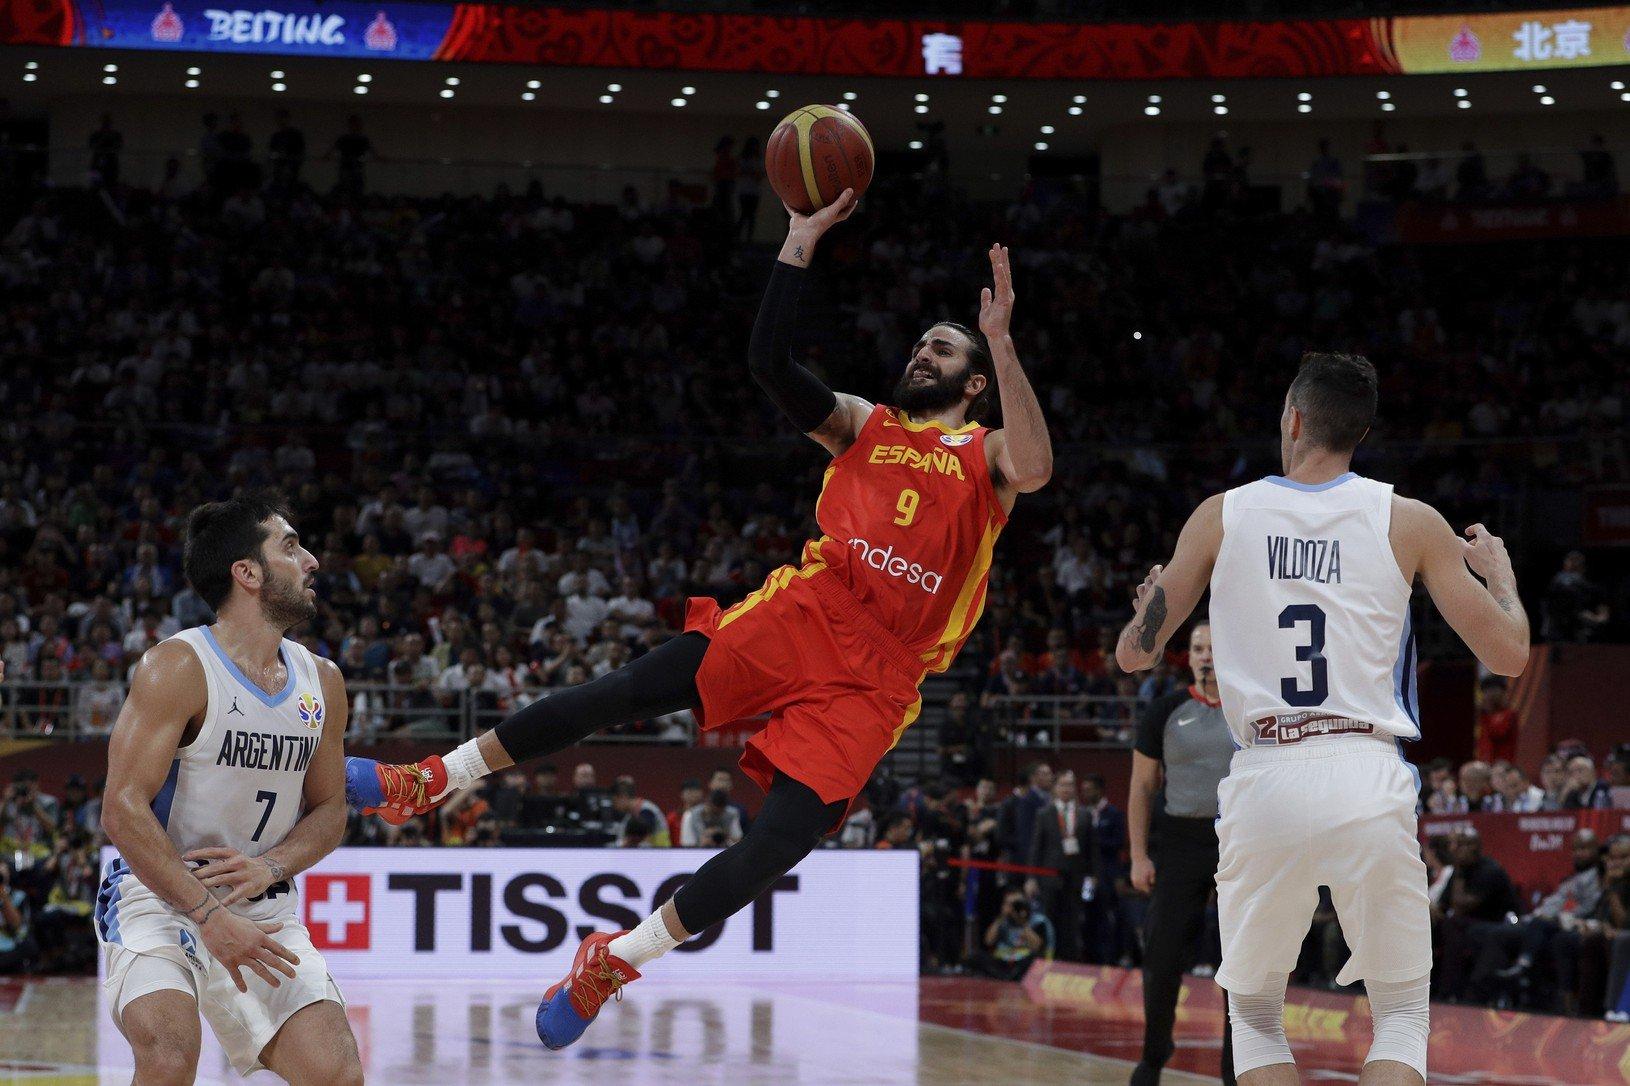 Španielsky basketbalista Ricky Rubio